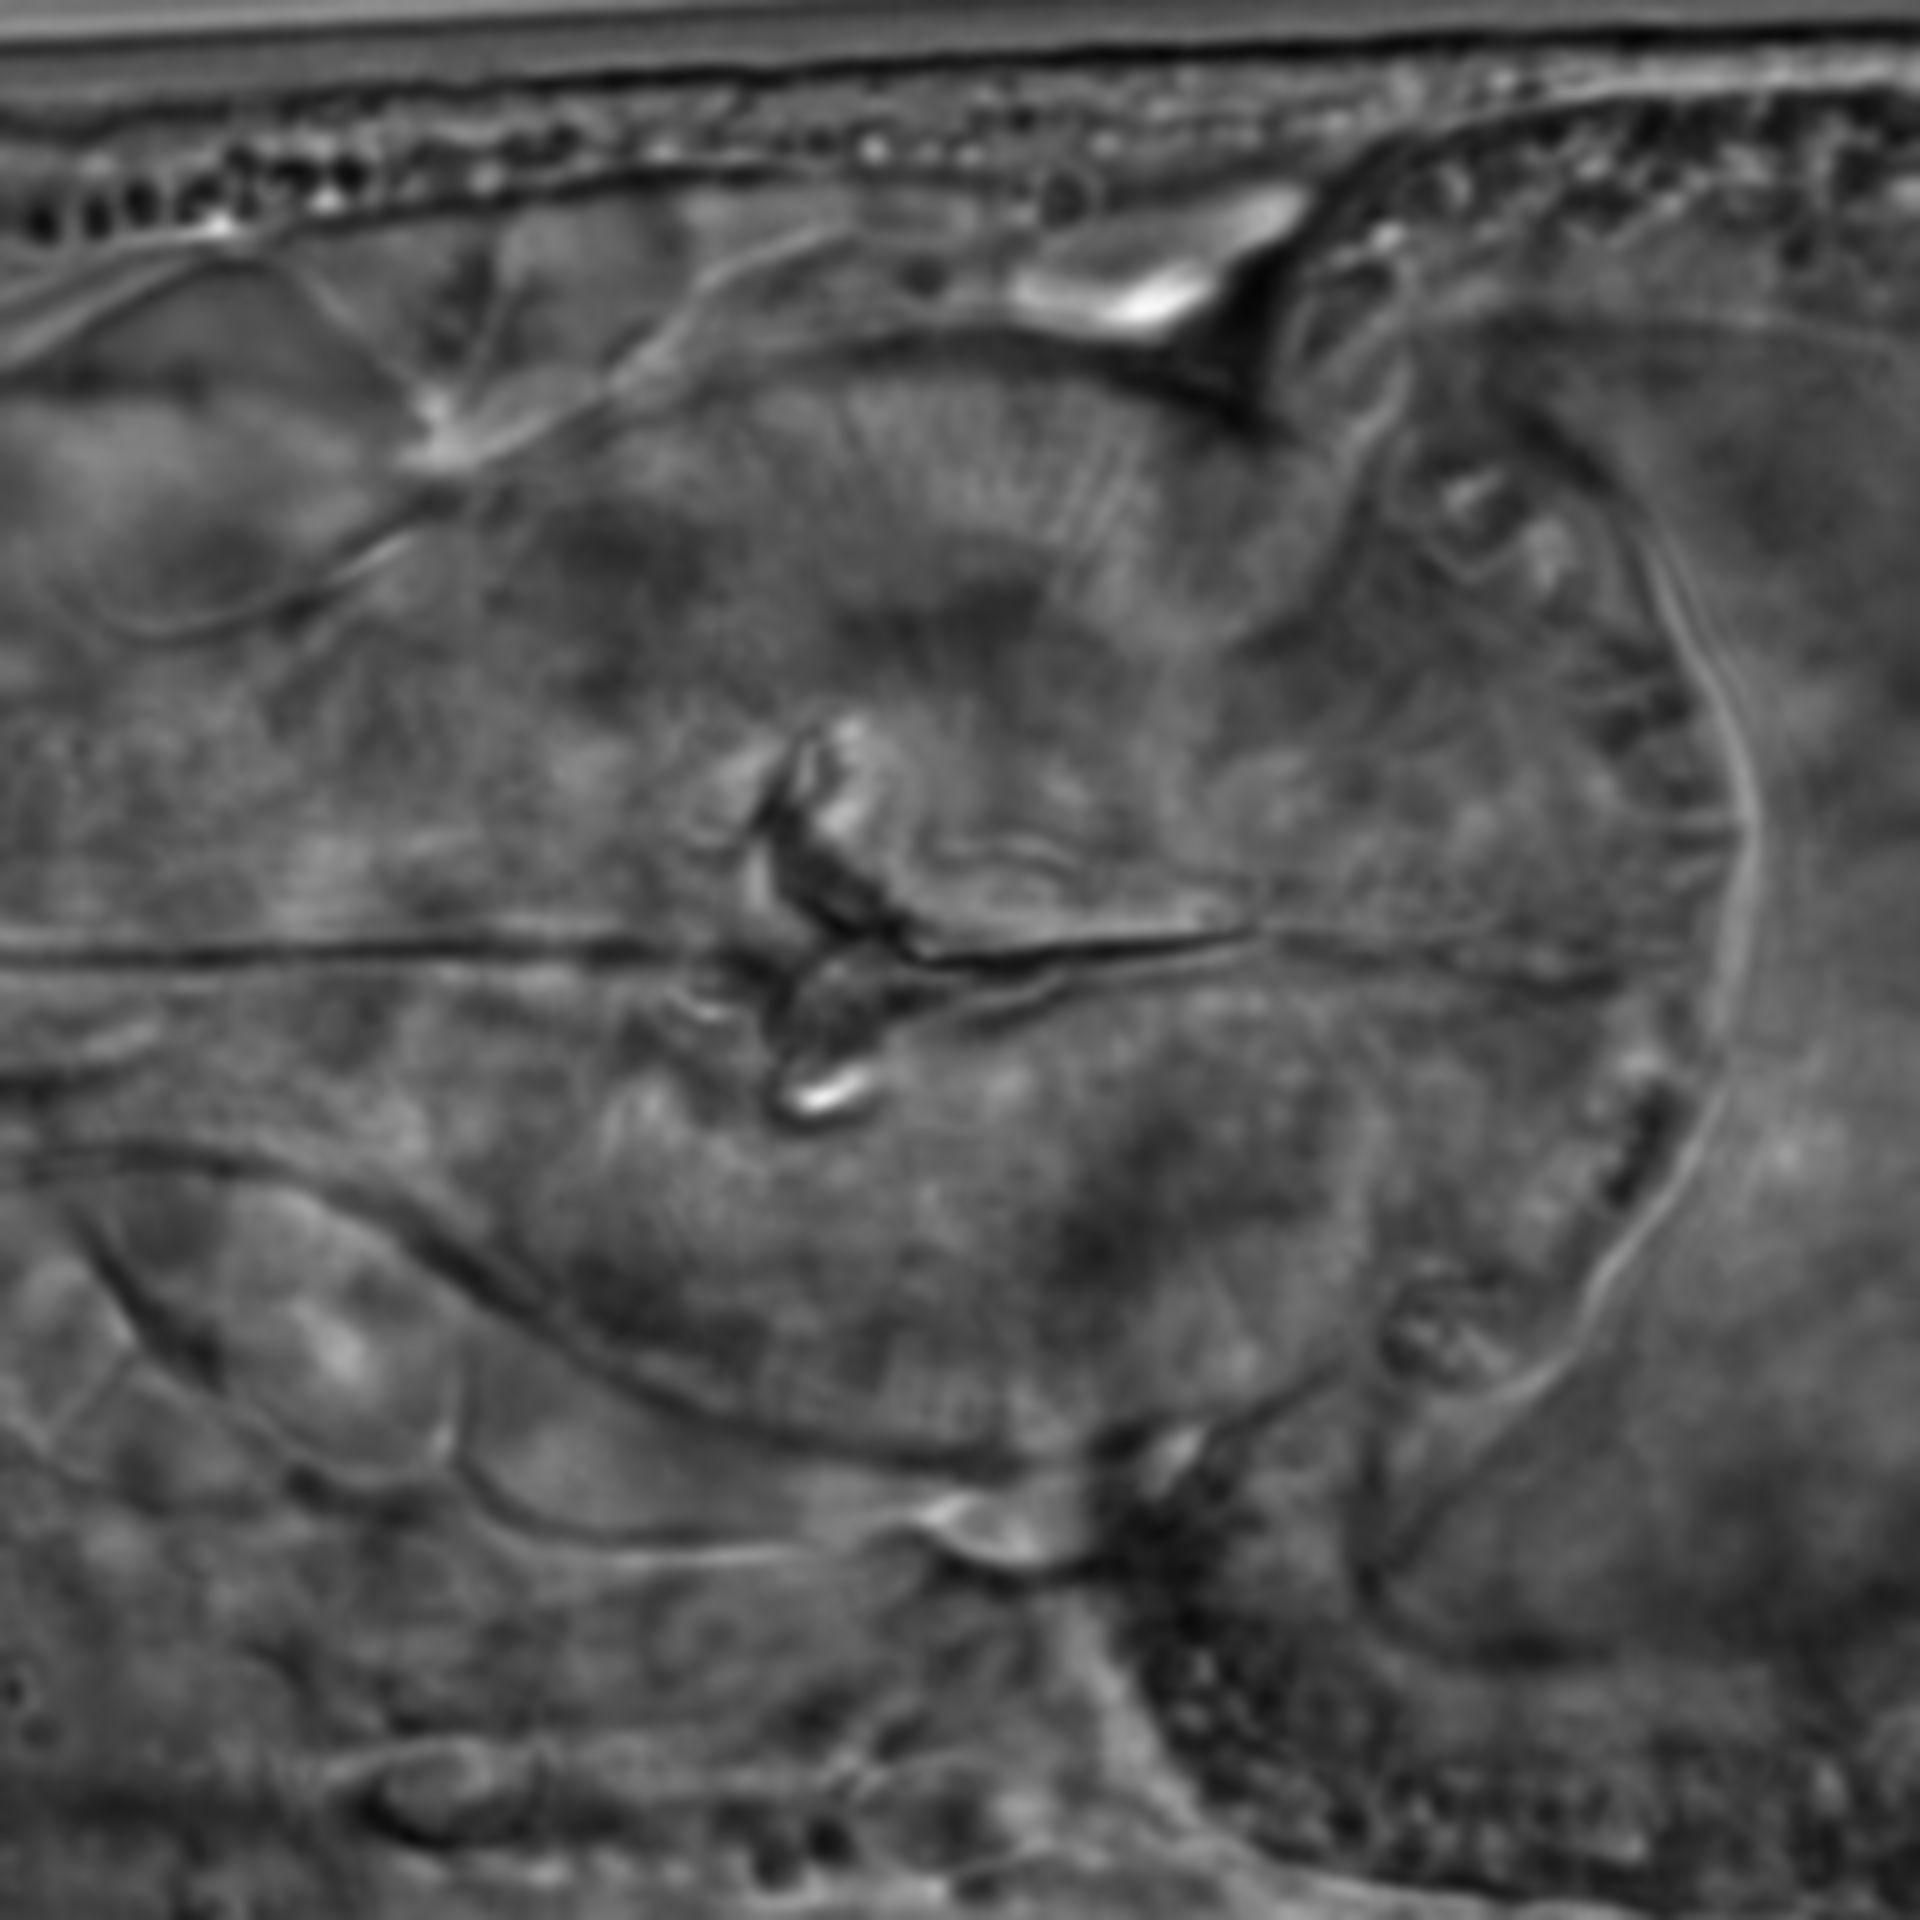 Caenorhabditis elegans - CIL:1606